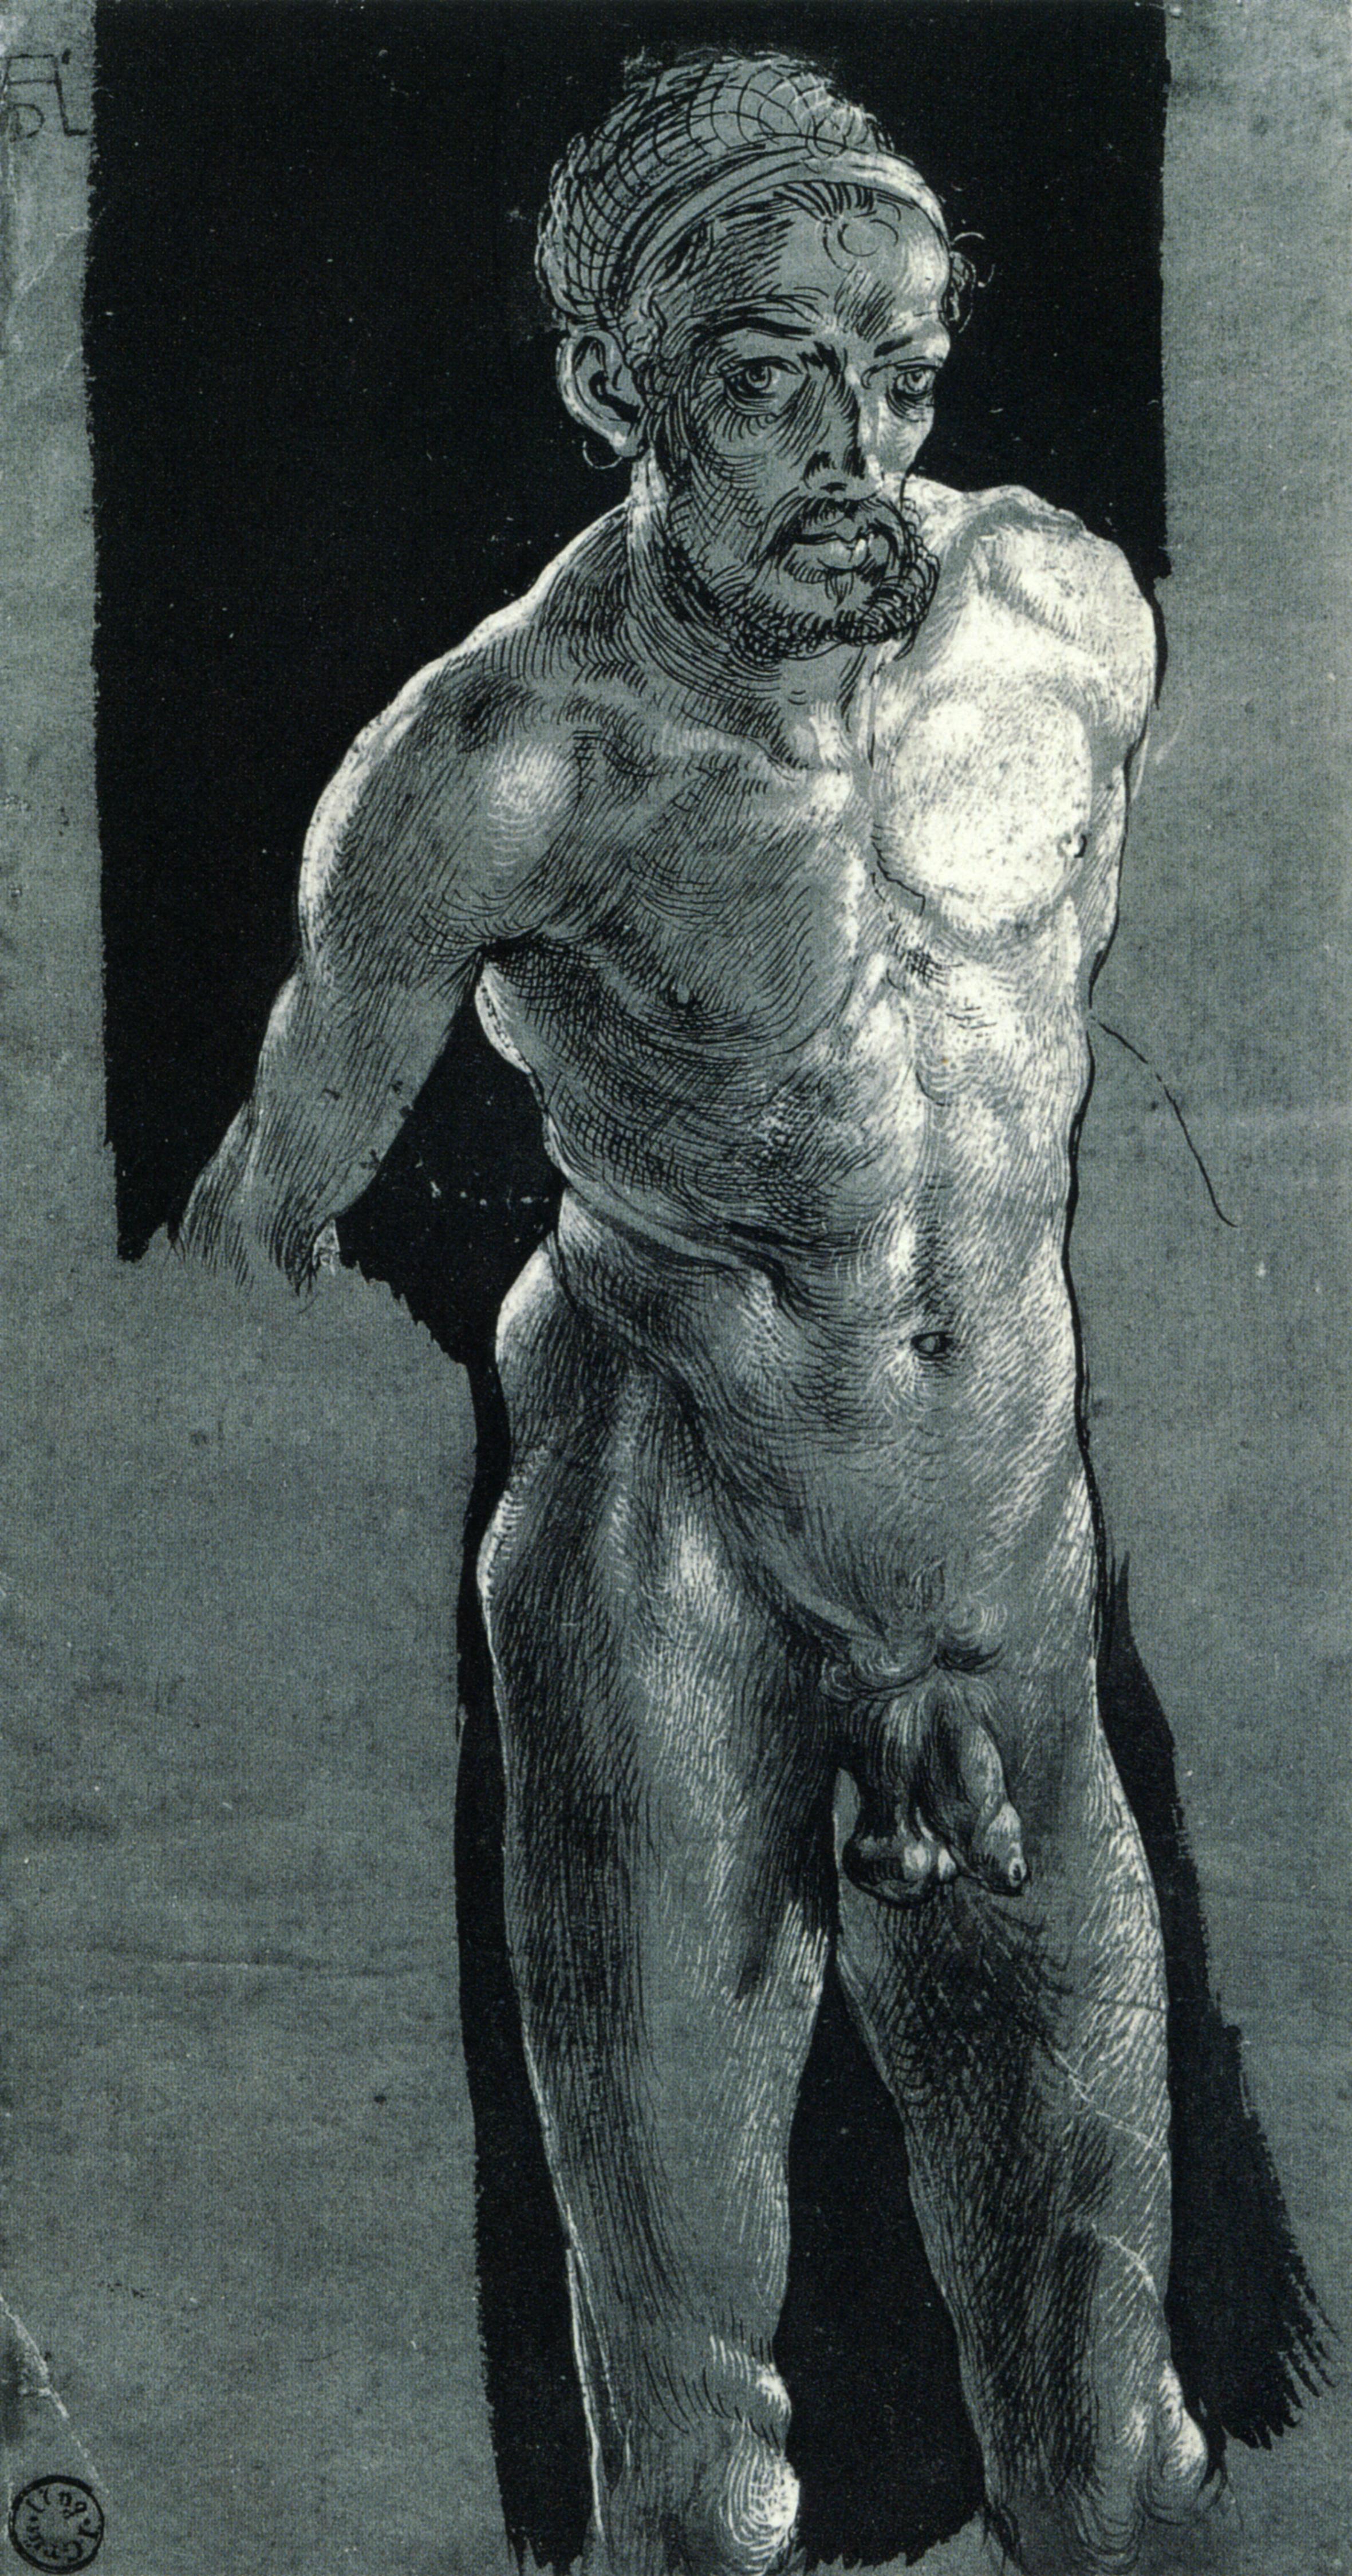 Albrecht Durer. Self-portrait in the Nude